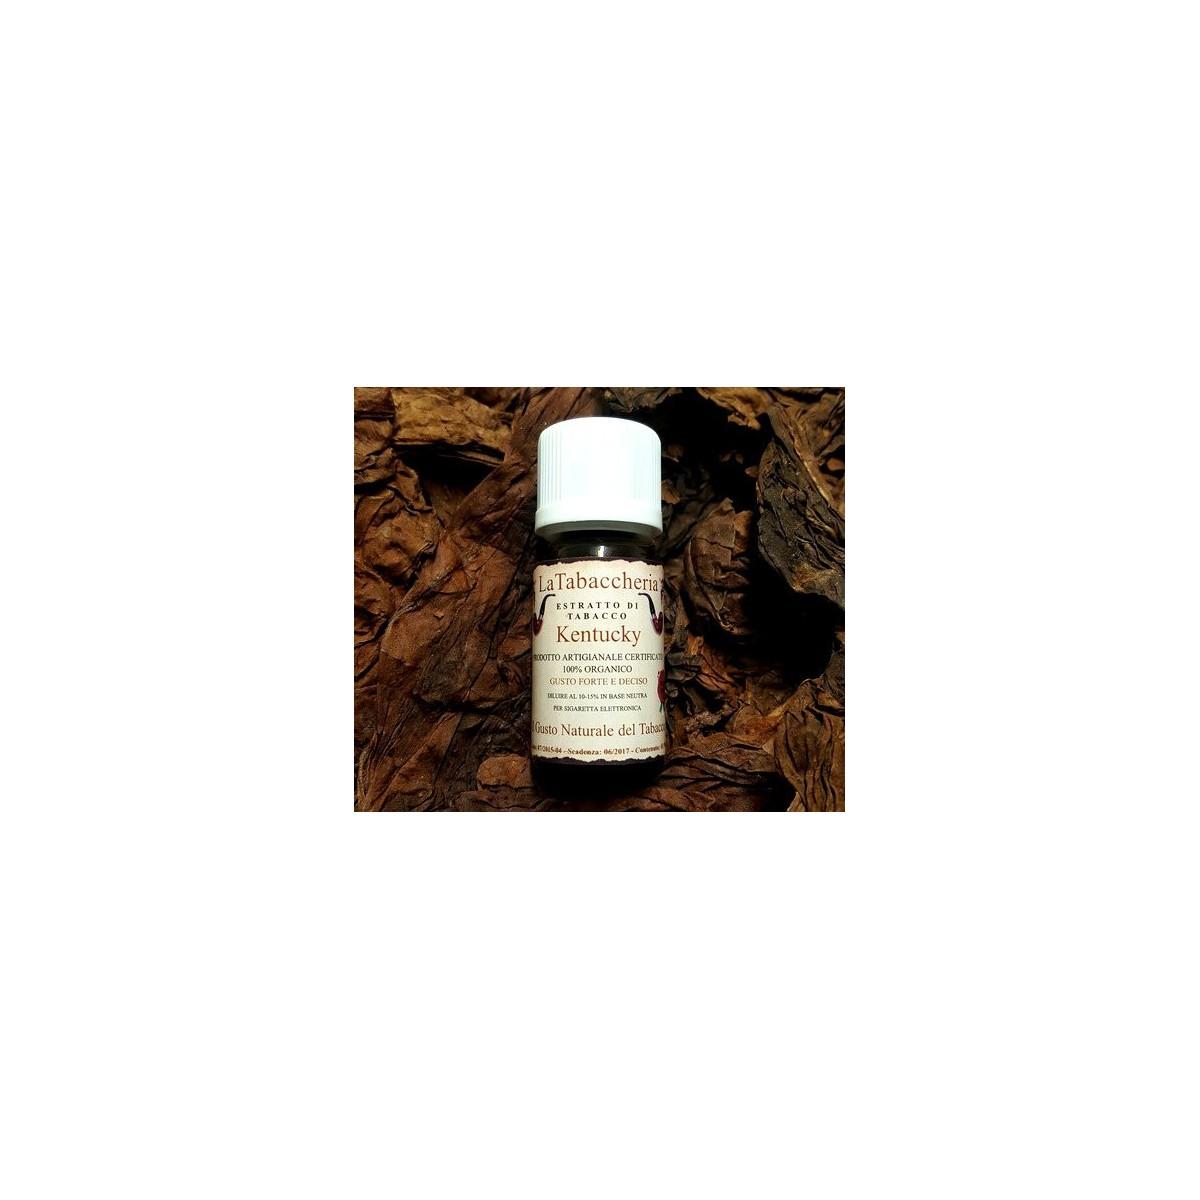 Estratto di Tabacco Kentucky - La Tabaccheria